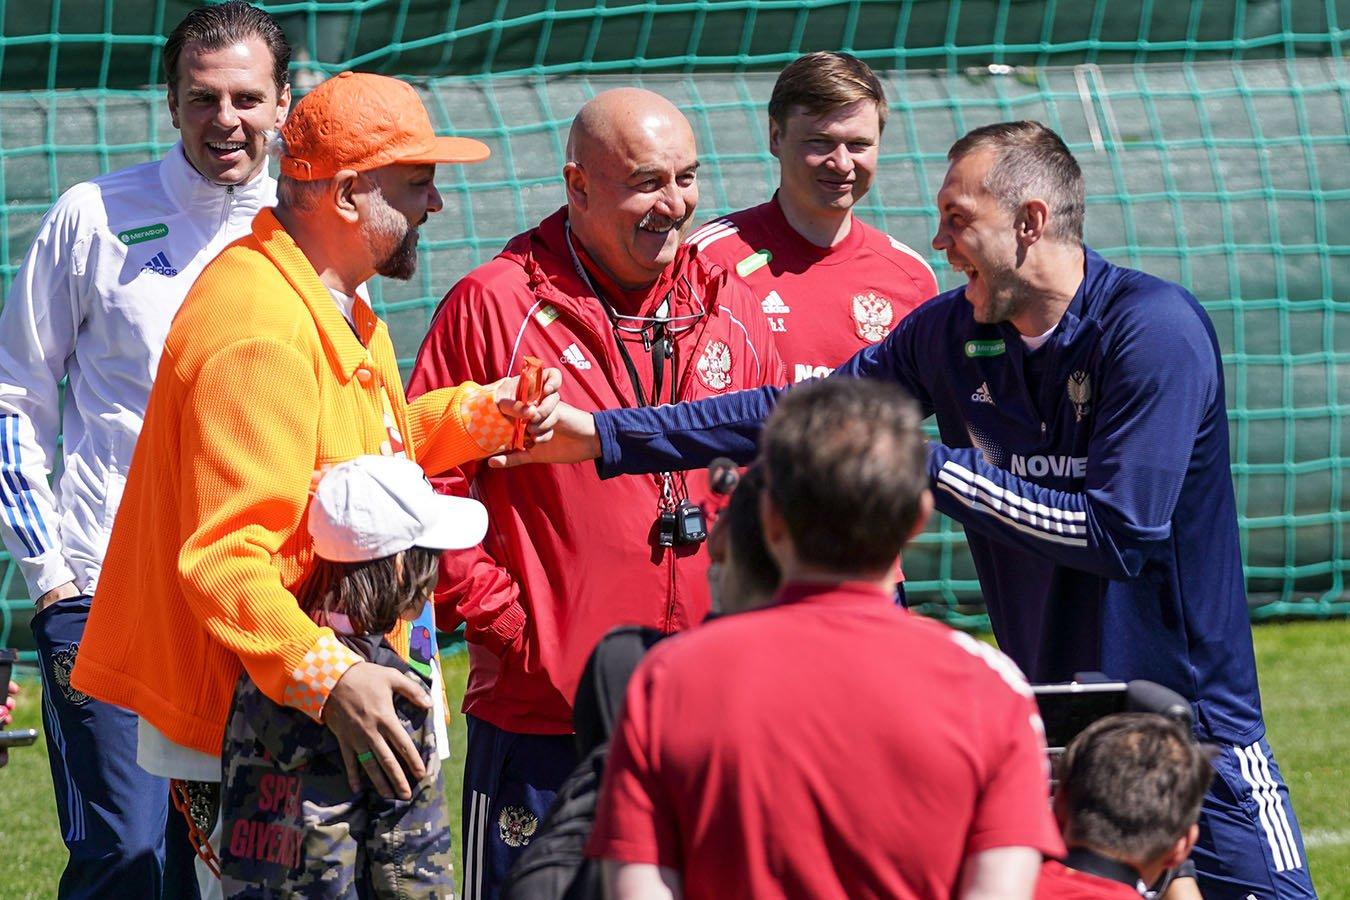 Киркоров пробил пенальти на тренировке сборной России, на воротах был Дзюба. Видео